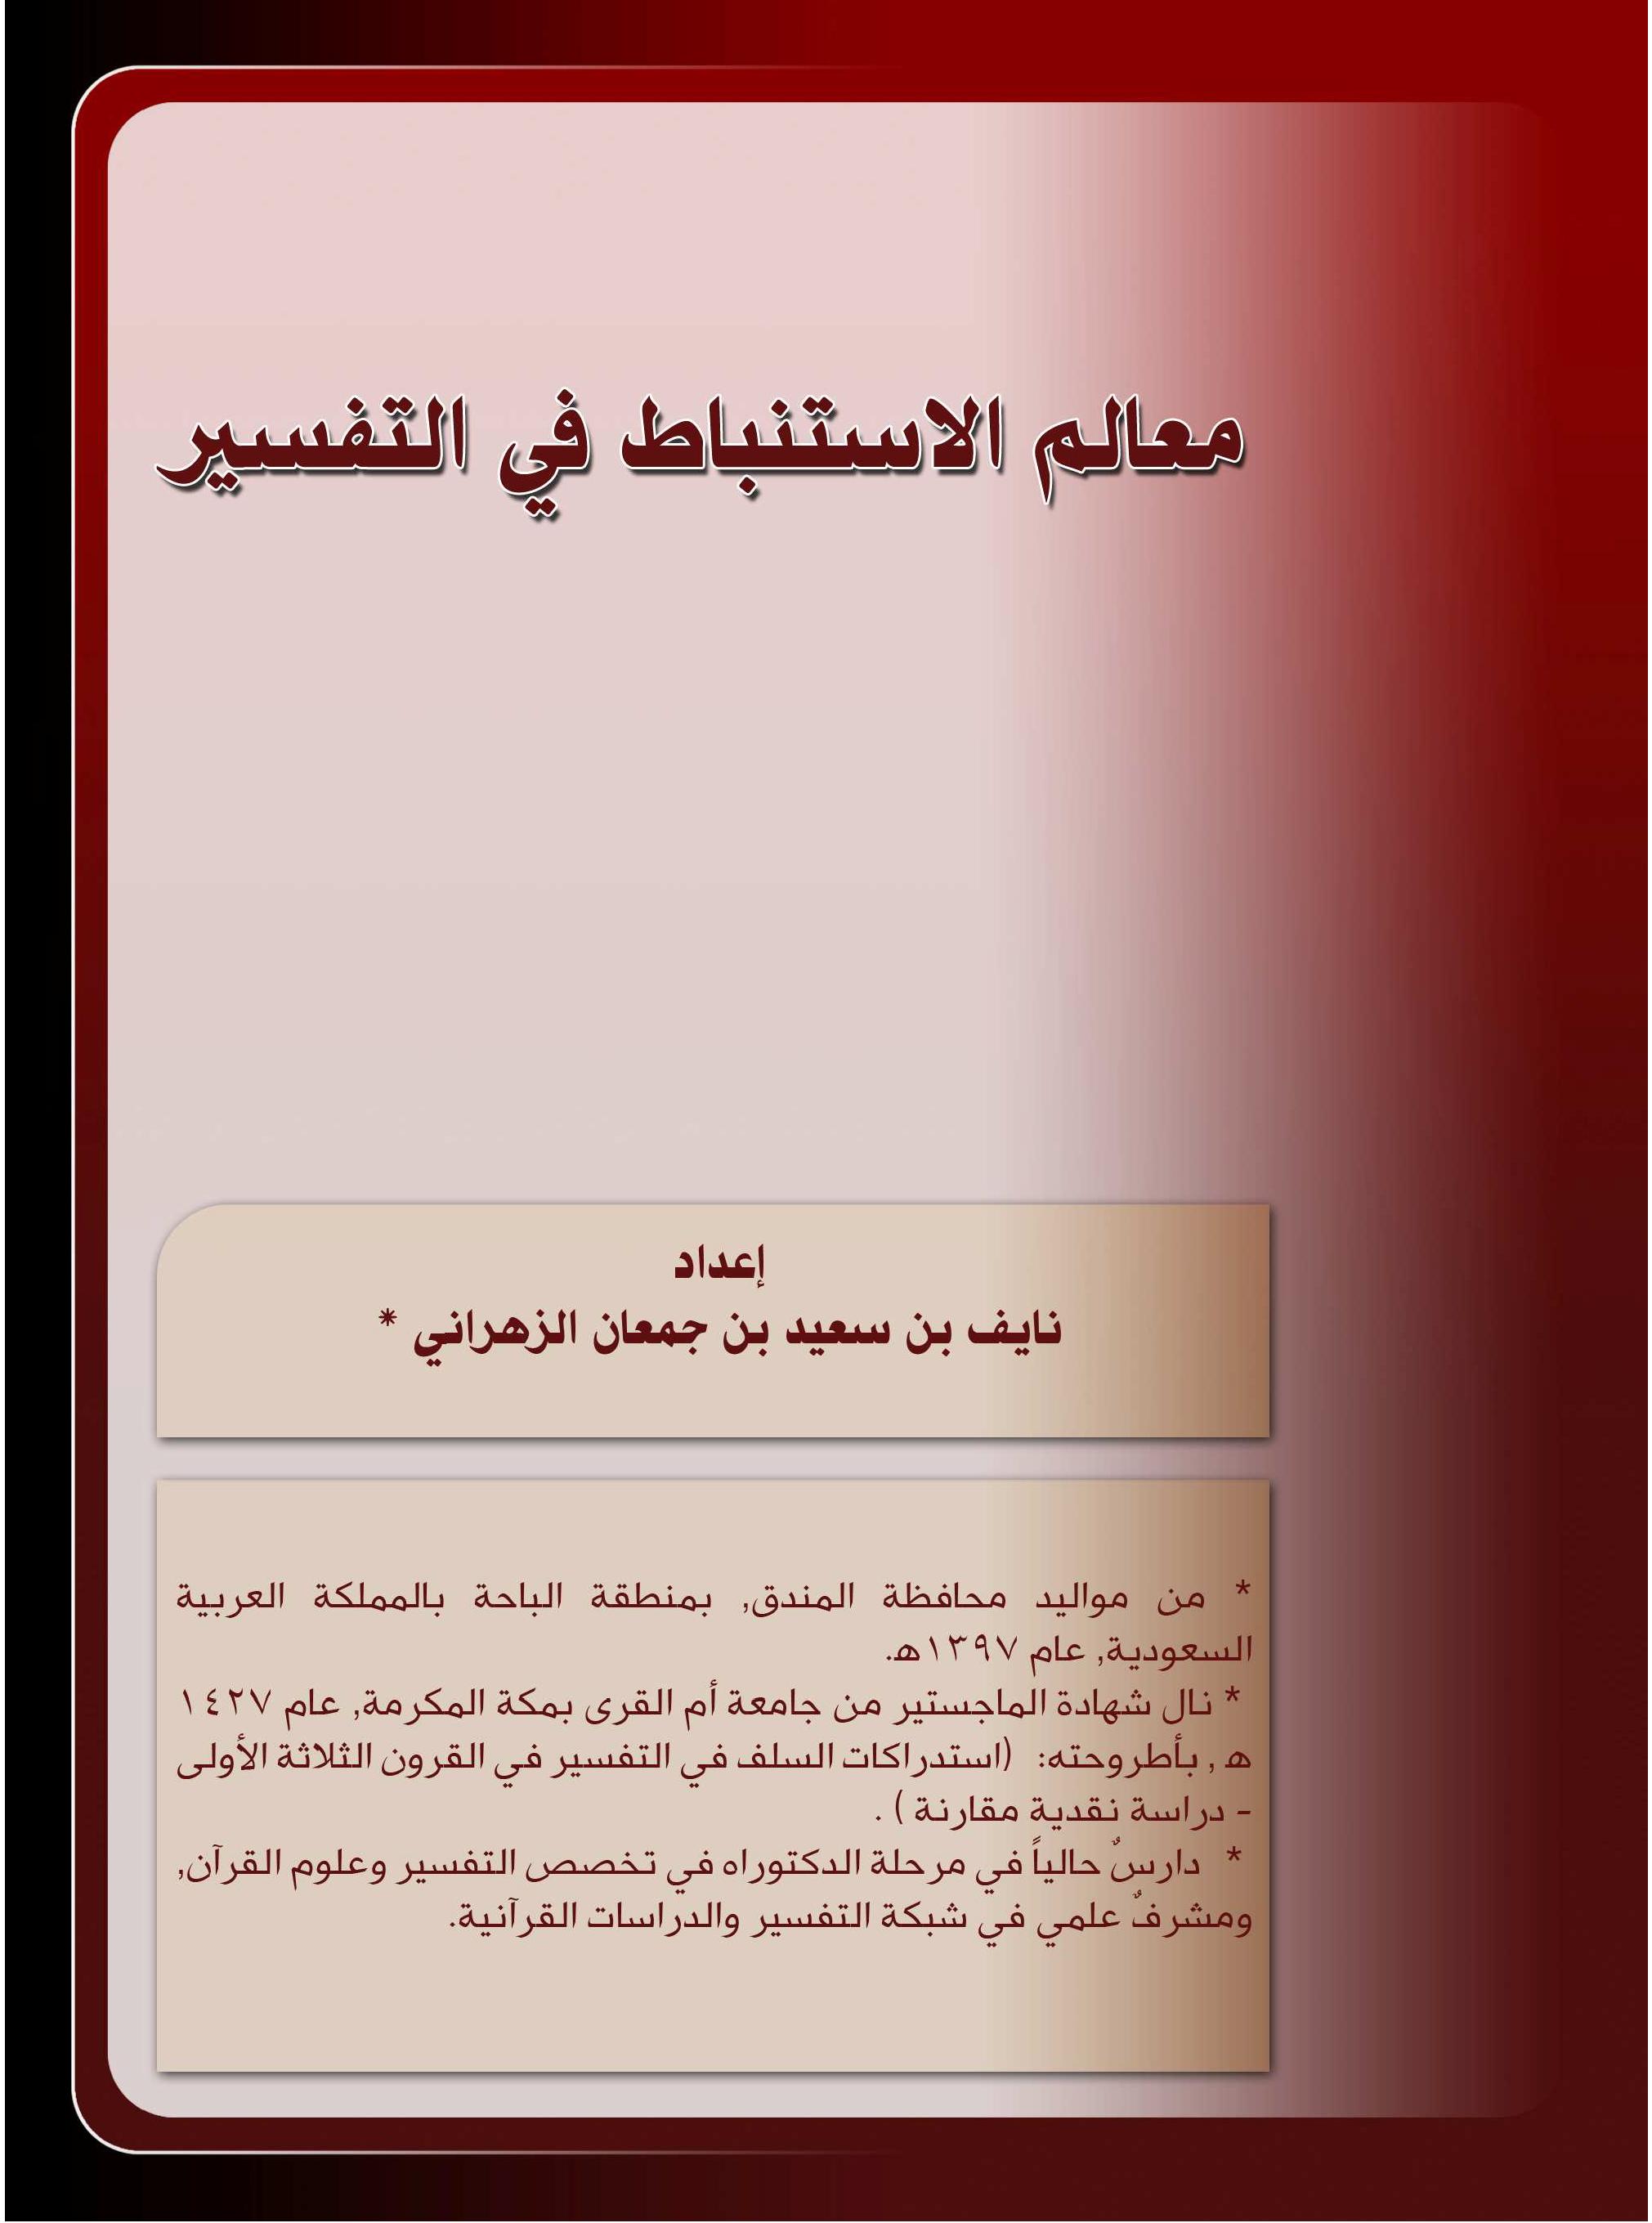 مجلة معهد الإمام الشاطبي للدراسات القرآنية: السنة الثانية - العدد الرابع